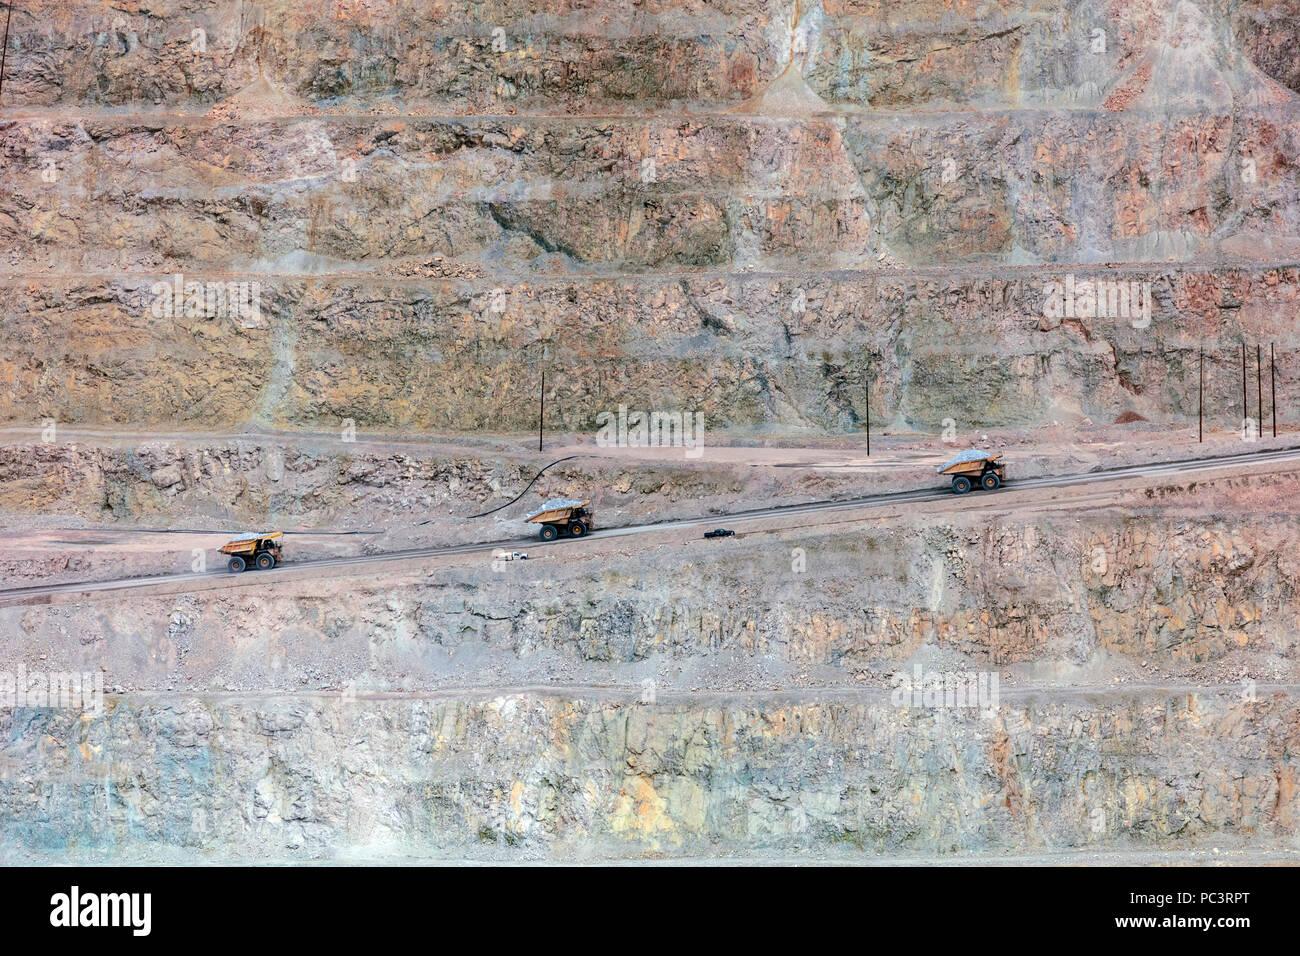 Massive Mining Dump Trucks - Morenci Copper Mine, Arizona  Largest Copper mine in North America - Stock Image